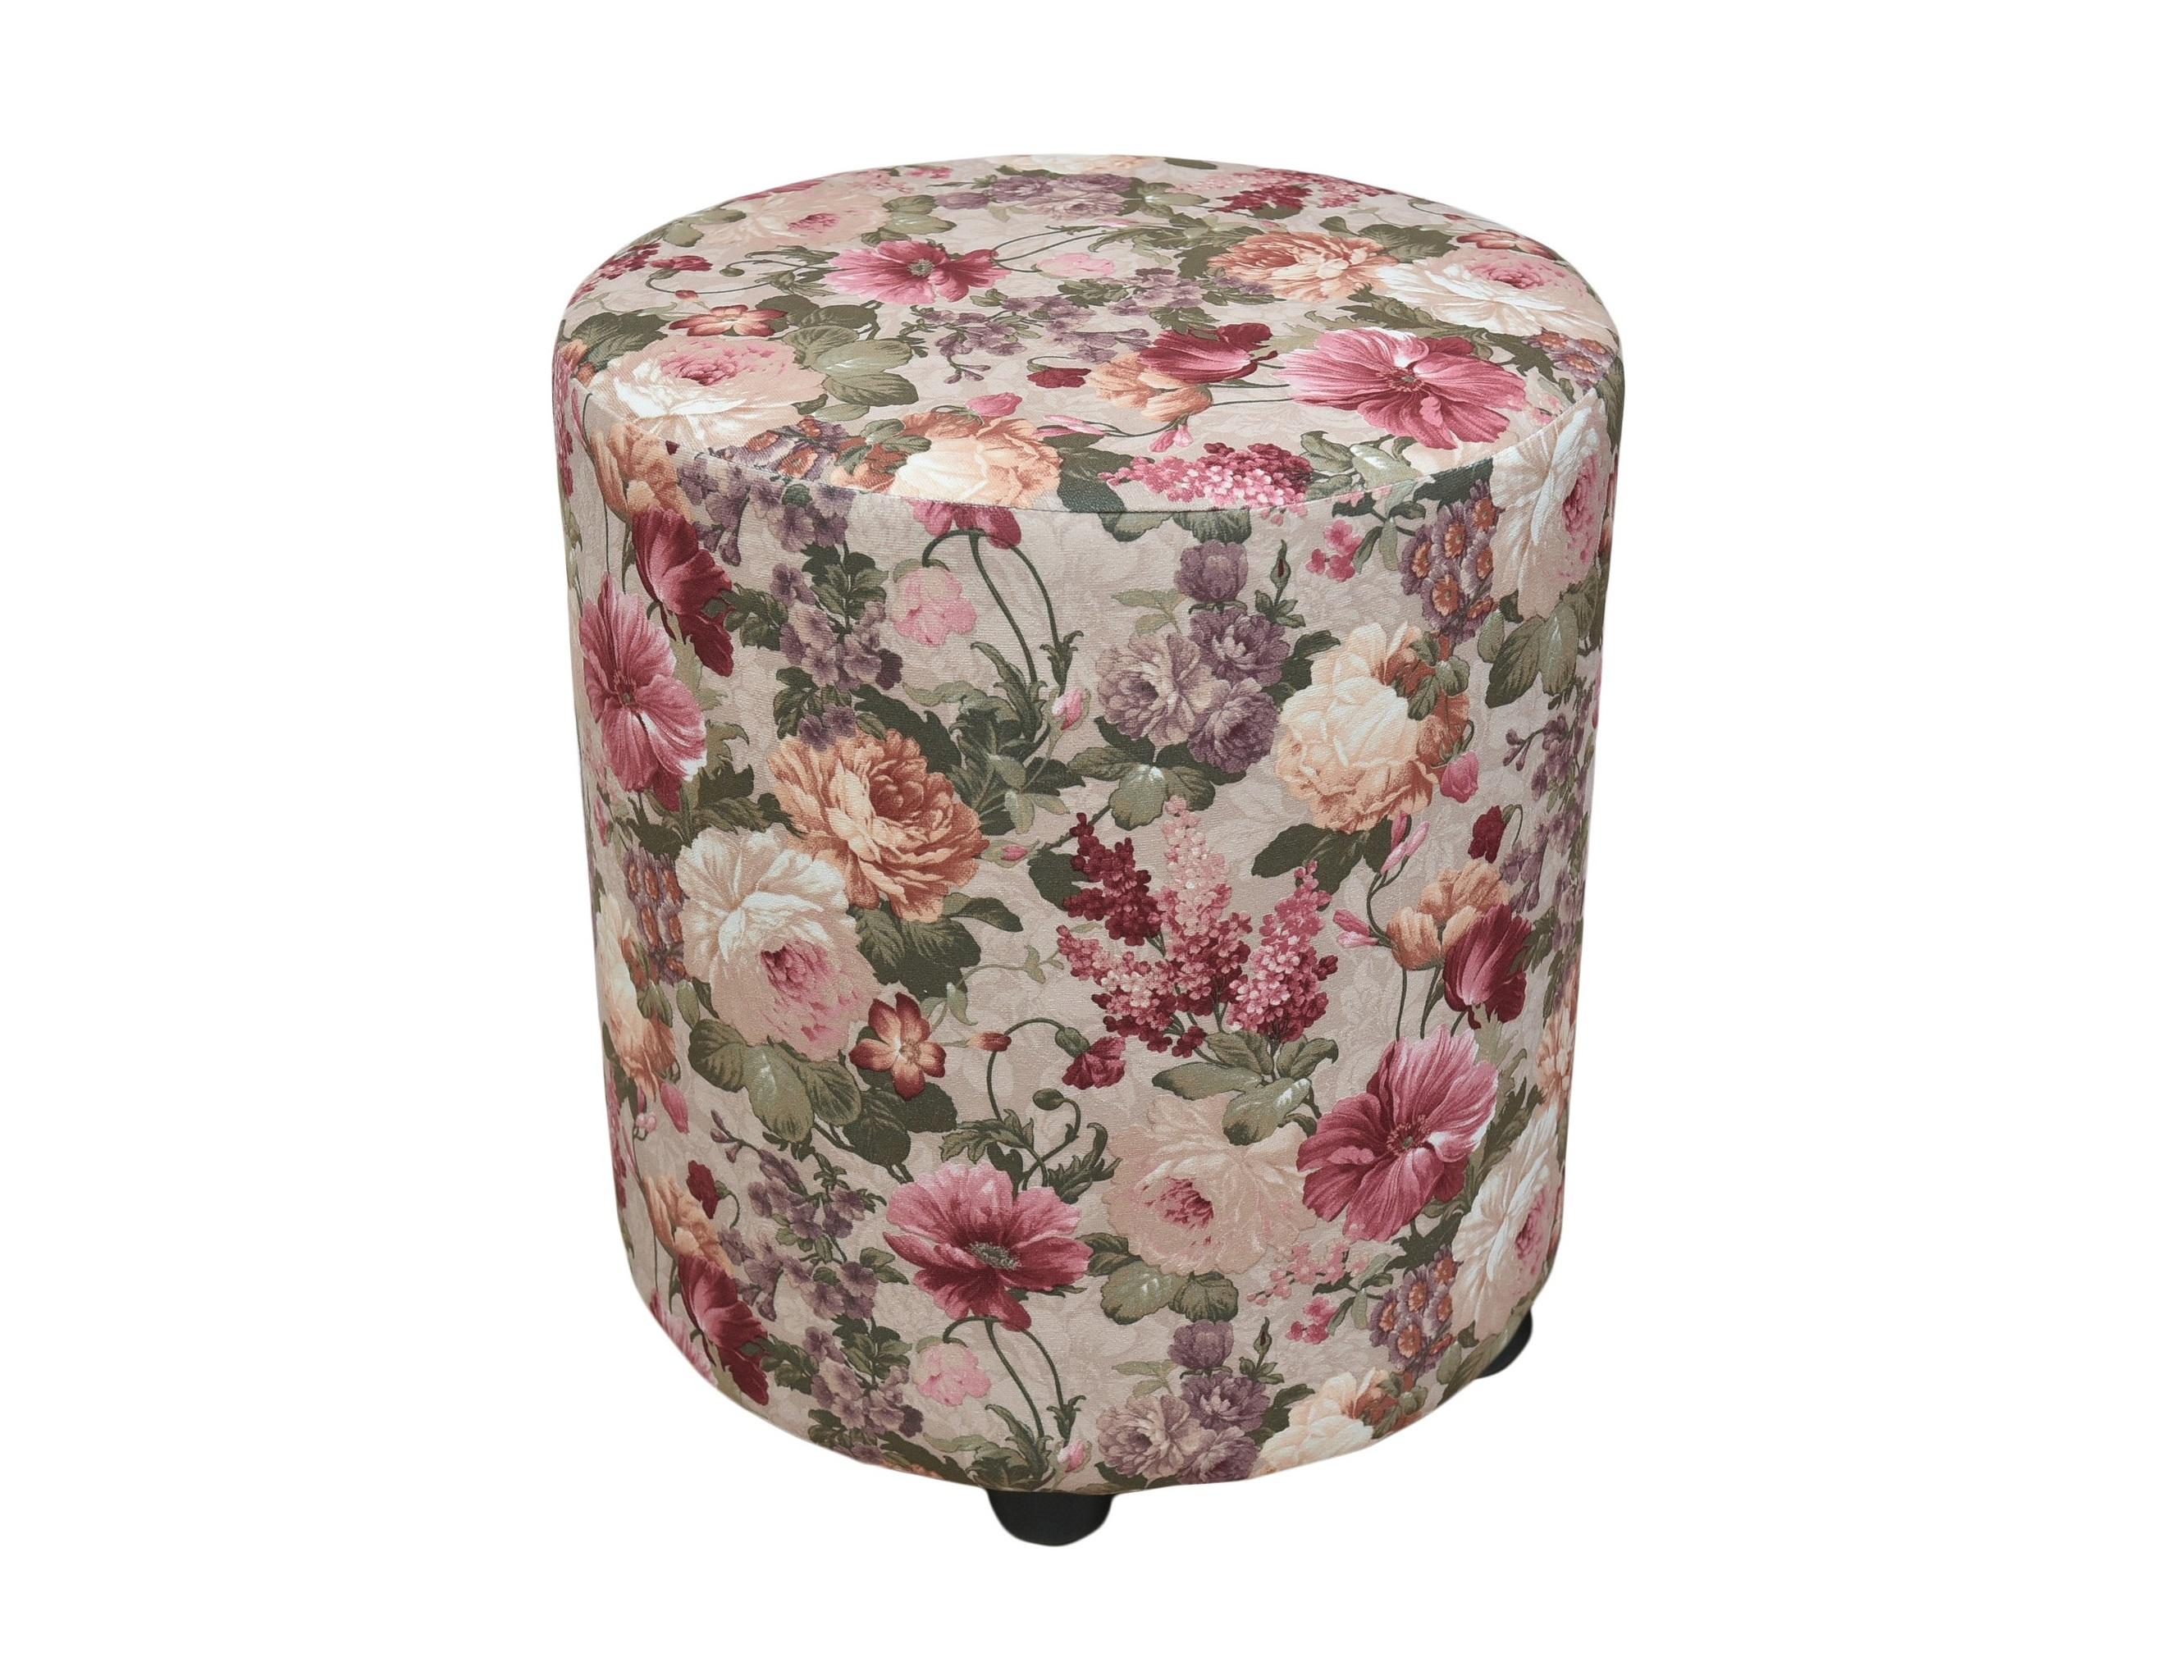 ПуфФорменные пуфы<br>Очень устойчивый пуф на деревянной основе станет незаменимым предметом декора или функциональной мебелью в вашем доме. А эксклюзивные ткани добавят изюминку в ваше пространство.<br><br>Material: Текстиль<br>Length см: None<br>Height см: 45<br>Diameter см: 40